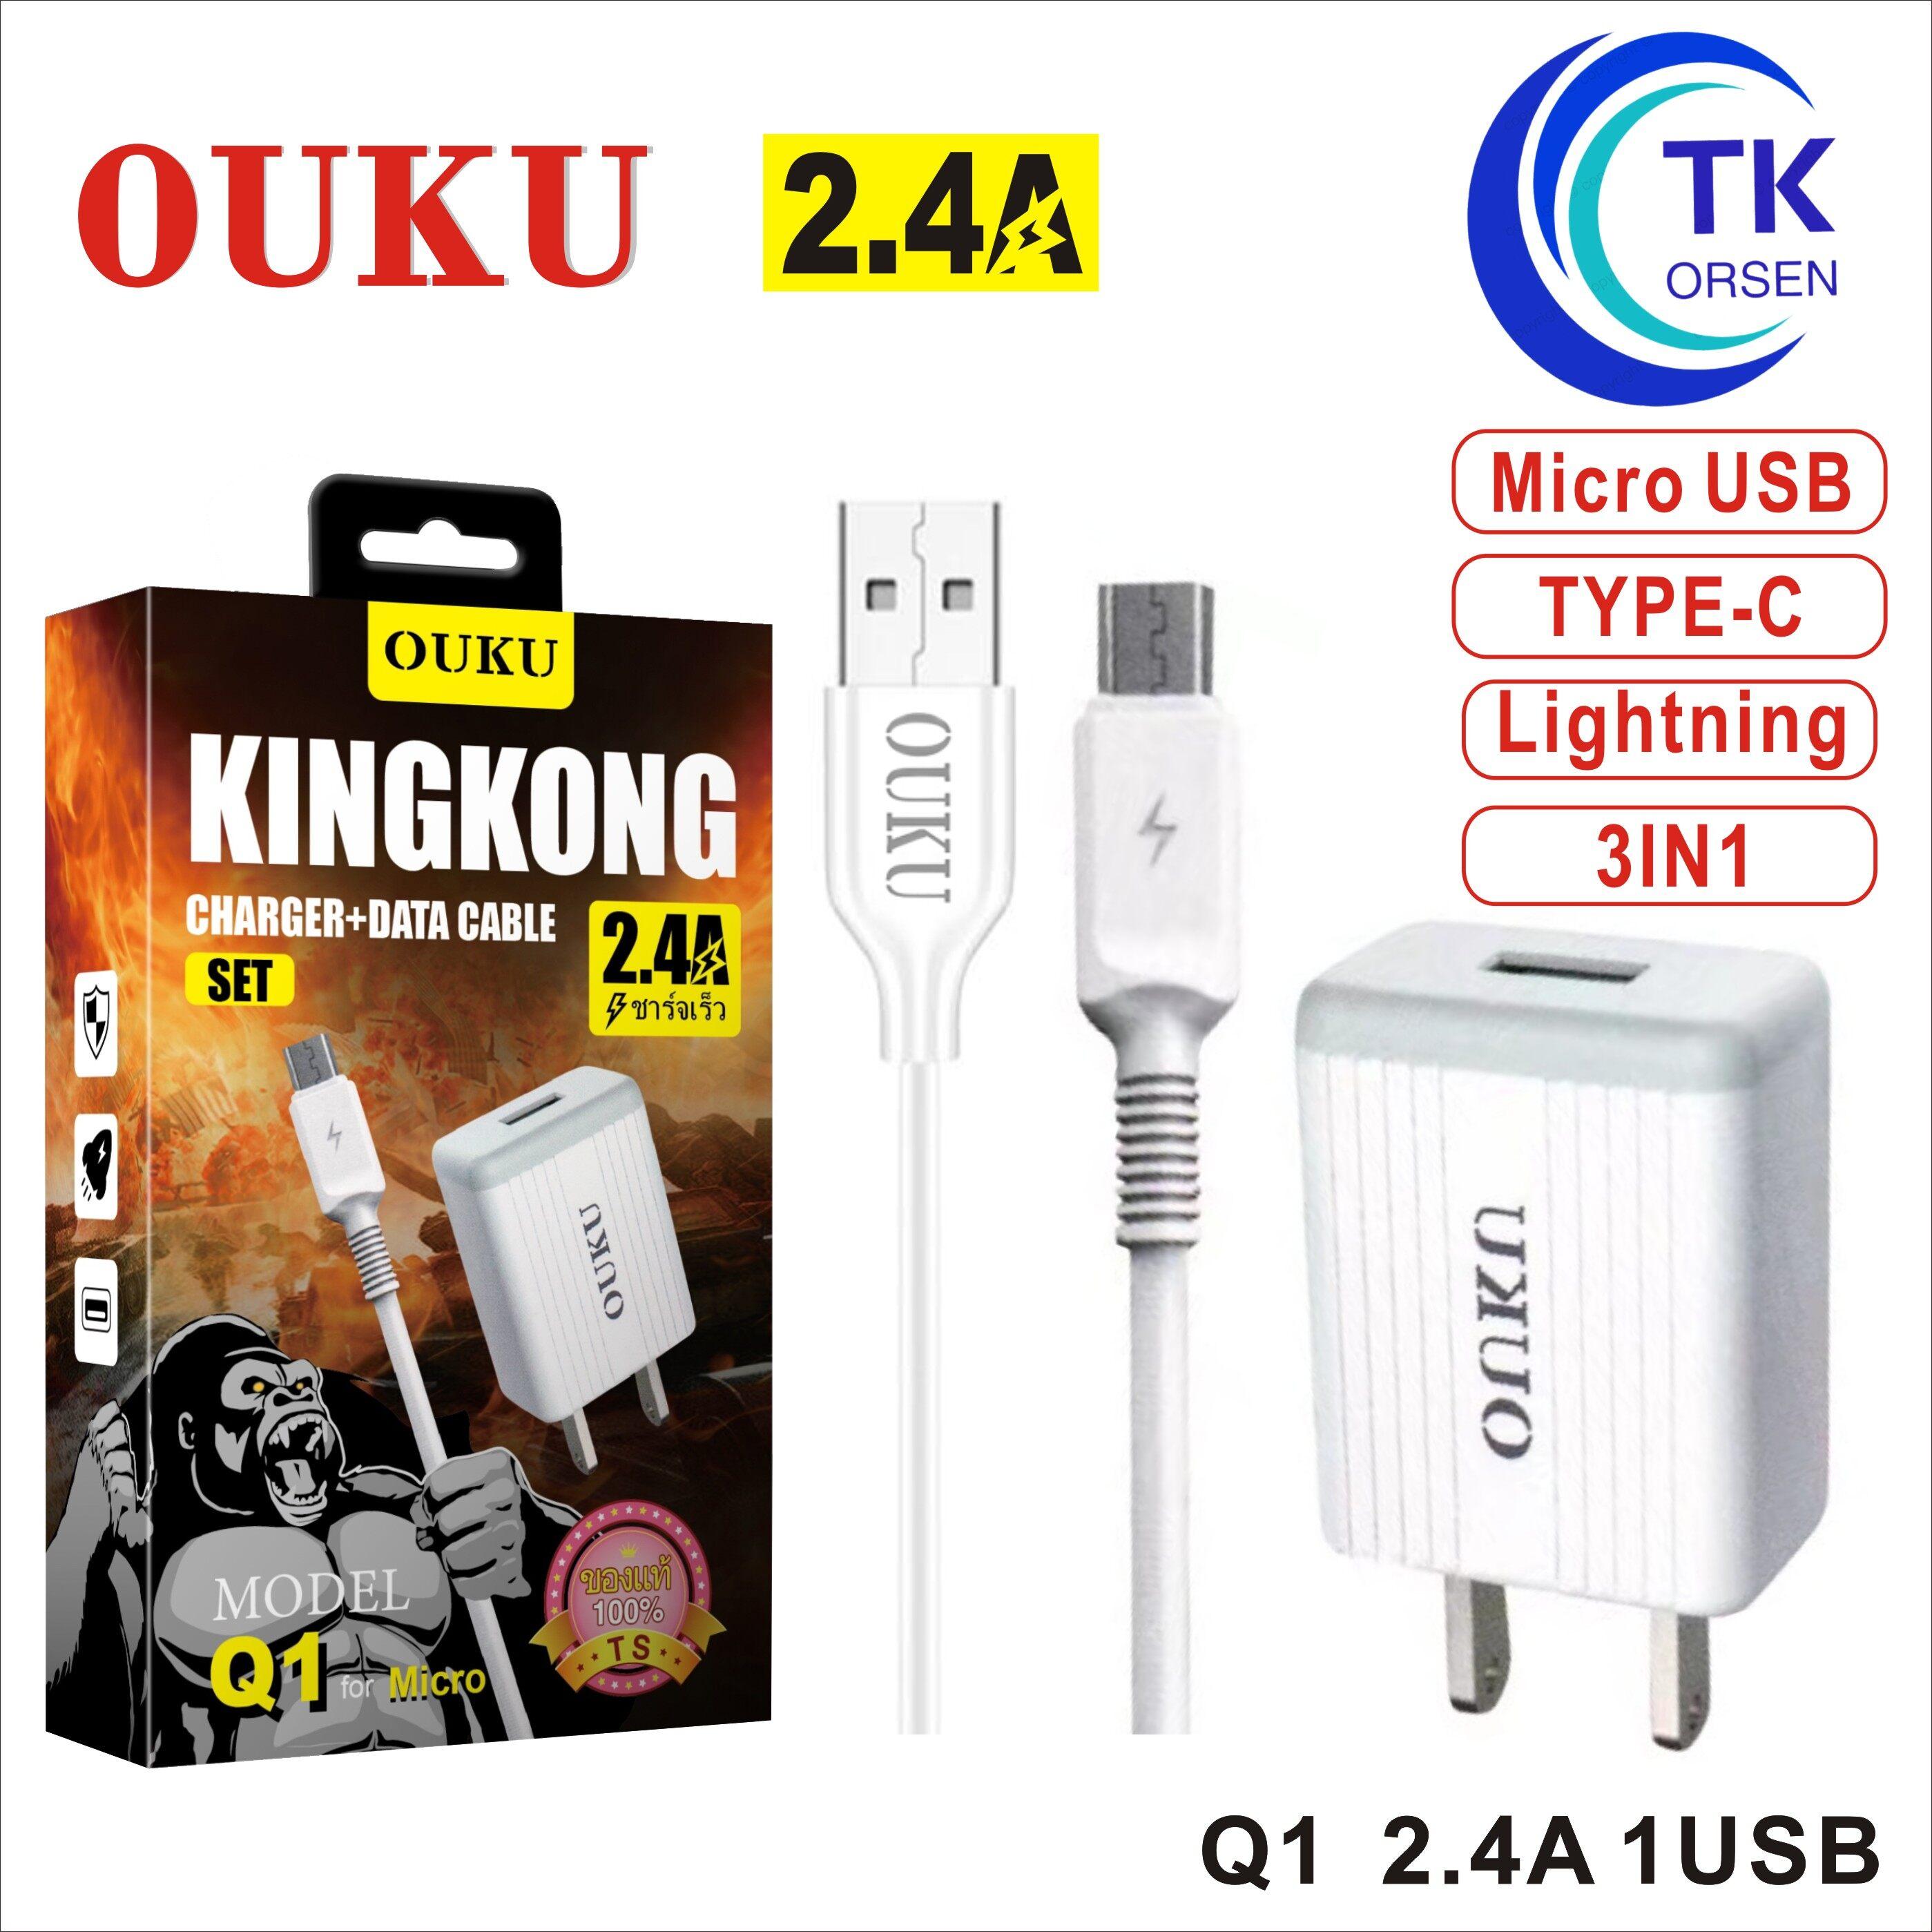 ถูกที่สุด Ouku Q1 สายชาร์จพร้อมปลั๊ก ชาร์จเร็ว Charger Set Fast Charging 2.4a สำหรับ Micro Usb / Iphone/type-C/3in1.